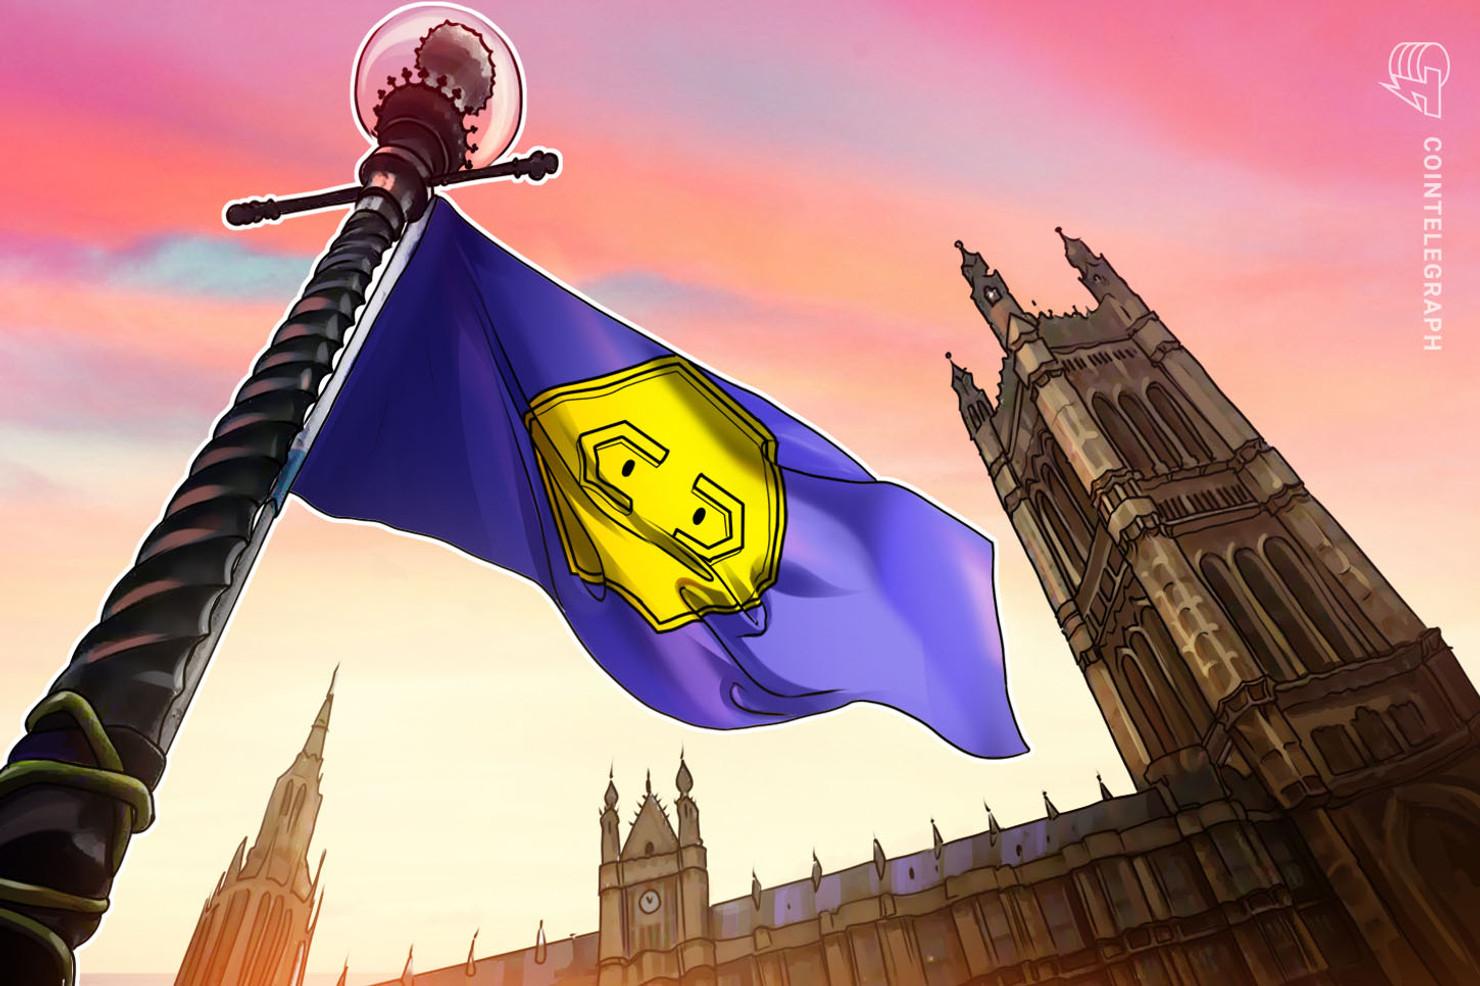 Funcionaria del Banco de Inglaterra: los bancos centrales pueden perder la carrera de pagos con las empresas tecnológicas